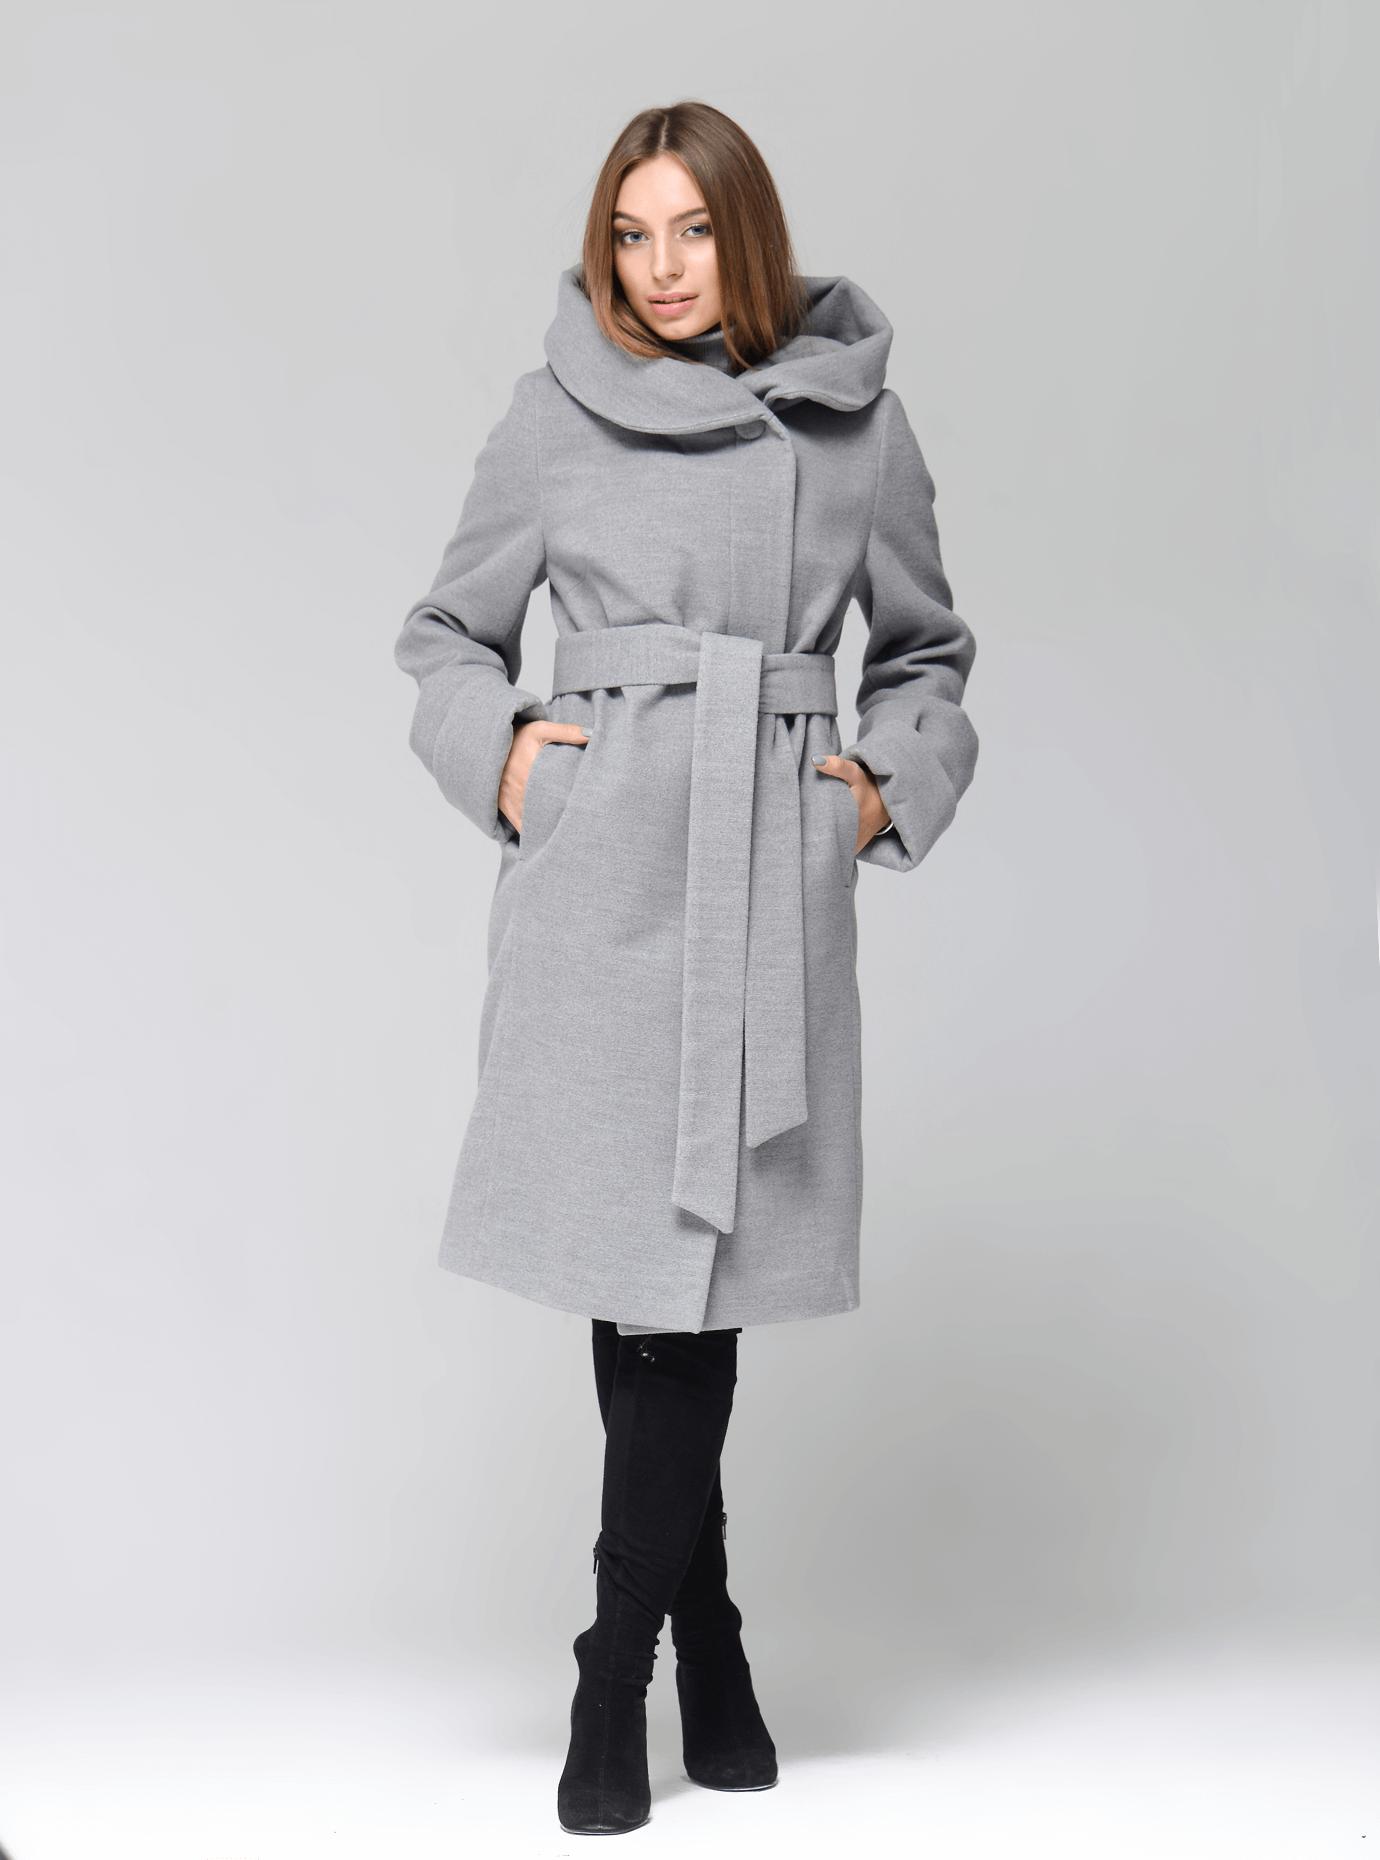 Пальто демисезонное длинное с капюшоном Серый 46 (07-P17021): фото - Alster.ua